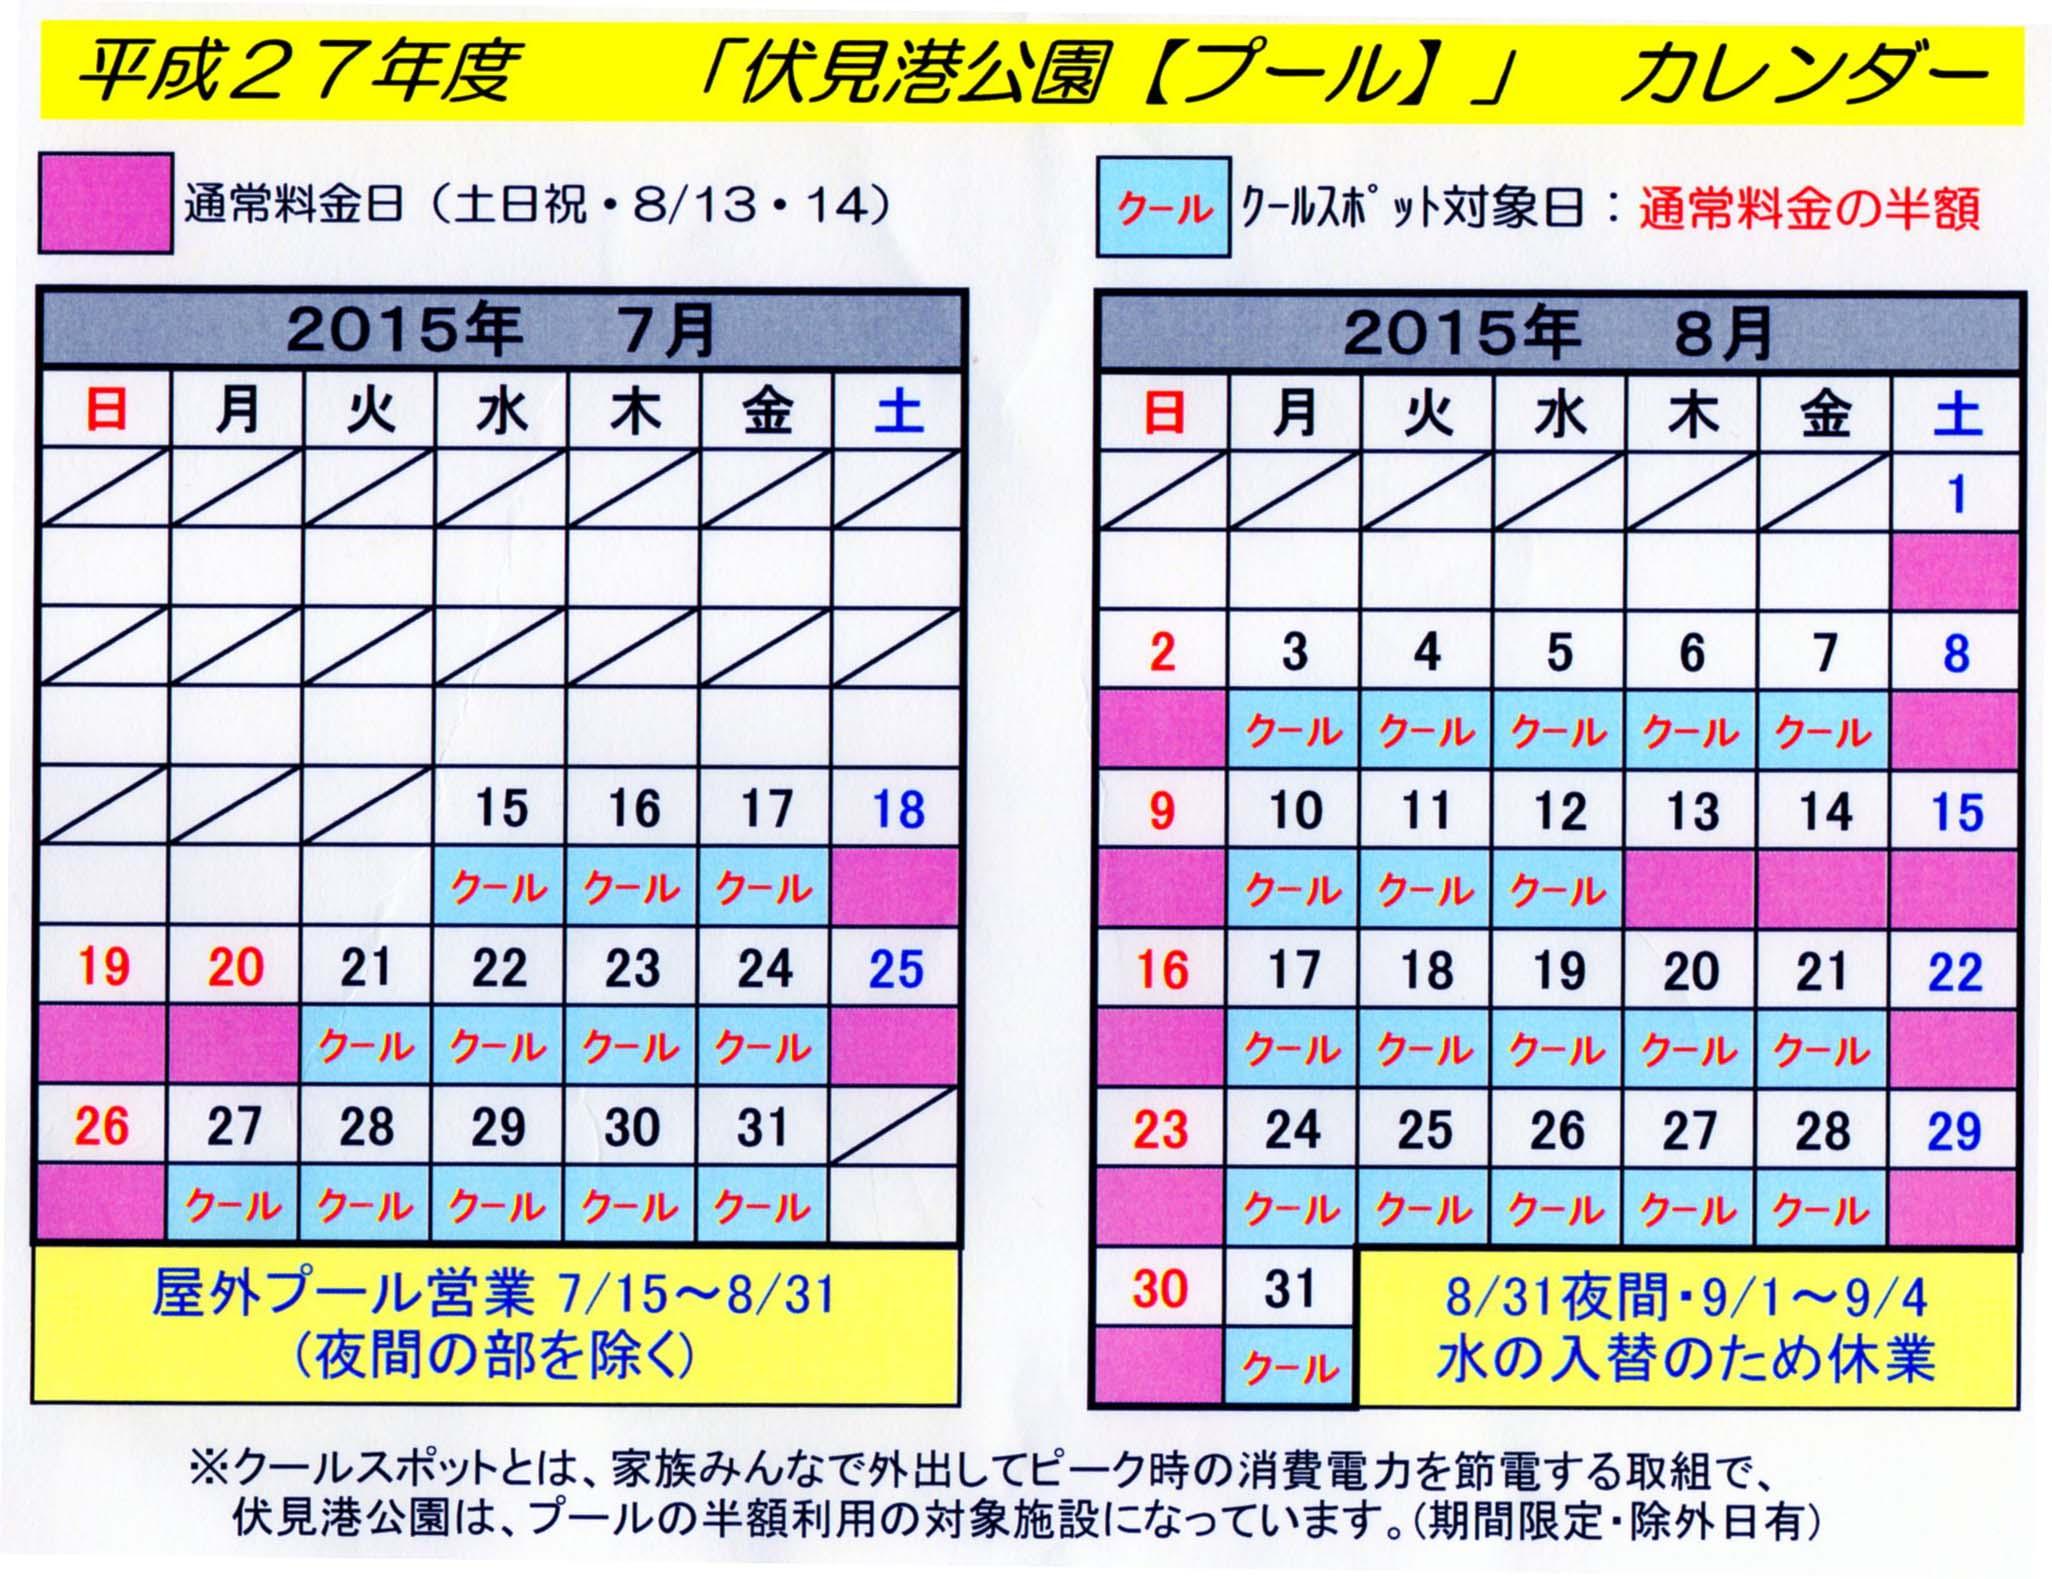 平成27年度伏見港公園プールカレンダー